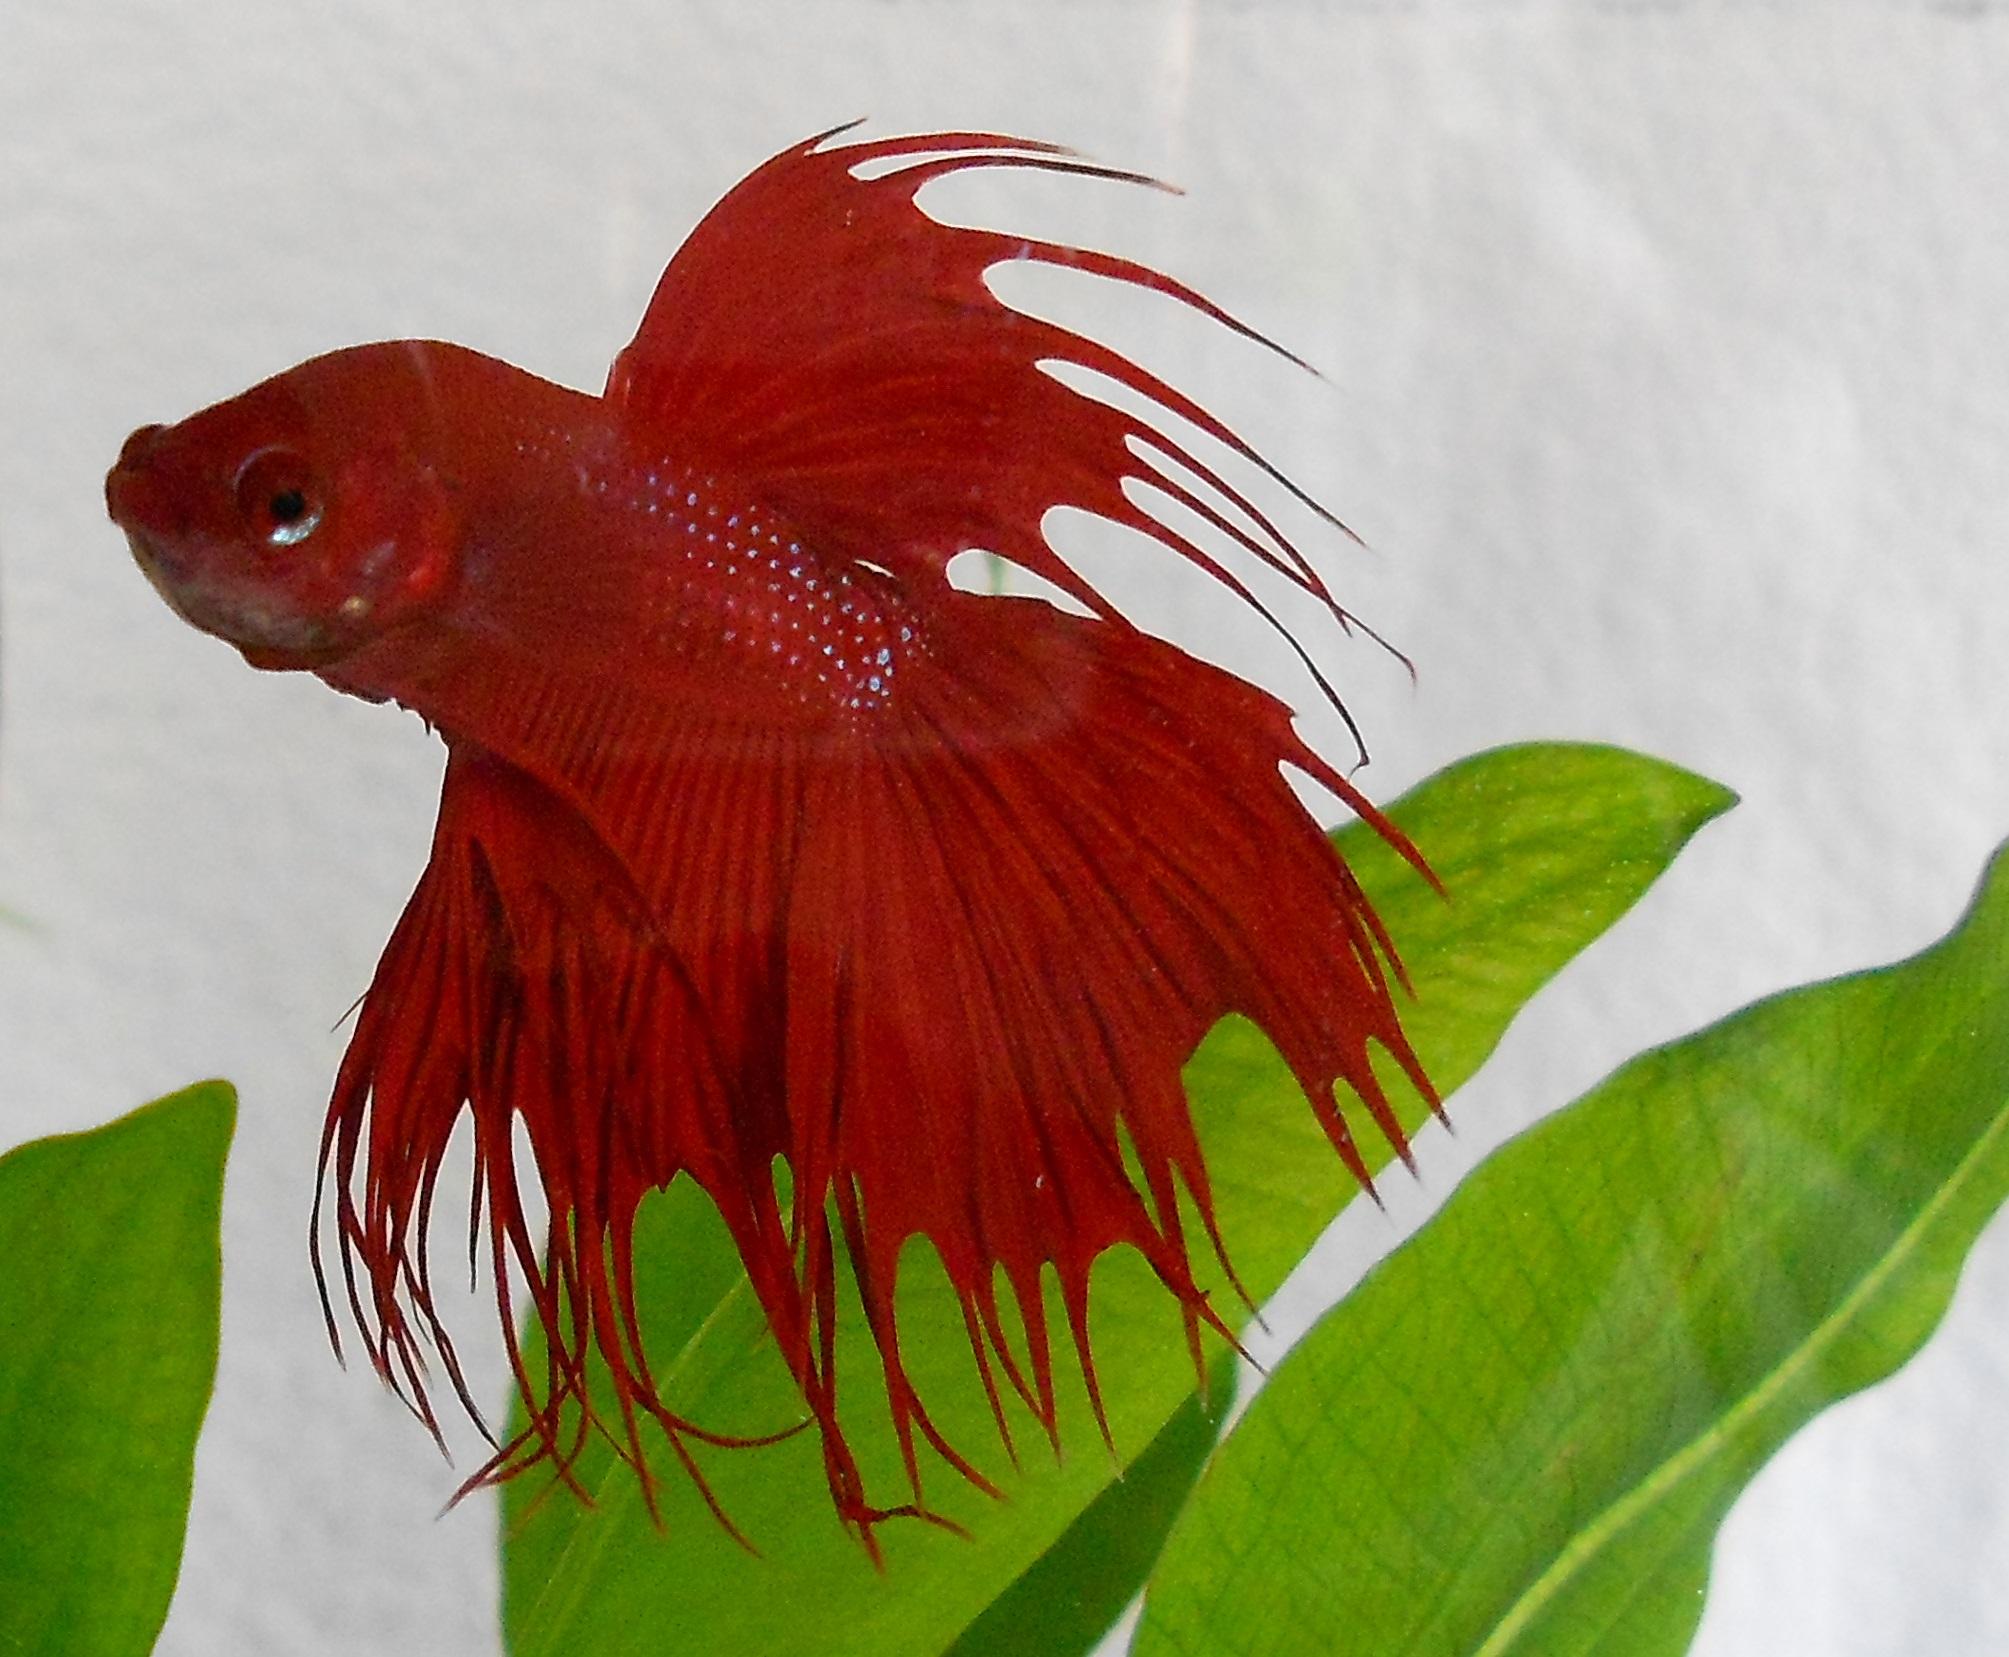 Renfish.jpg